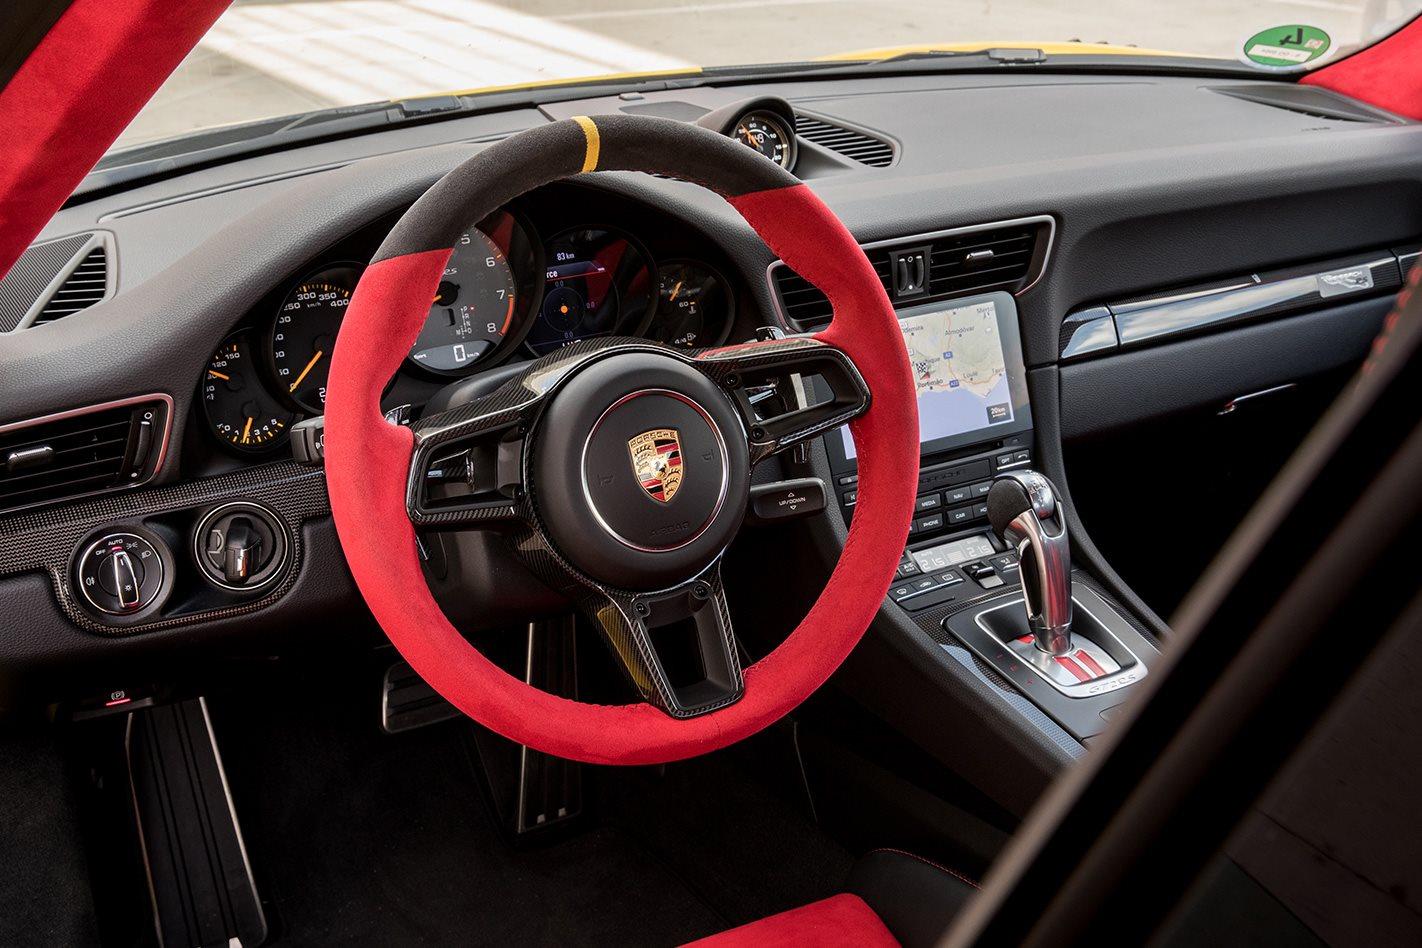 2018 Porsche 911 GT2 RS steering wheel